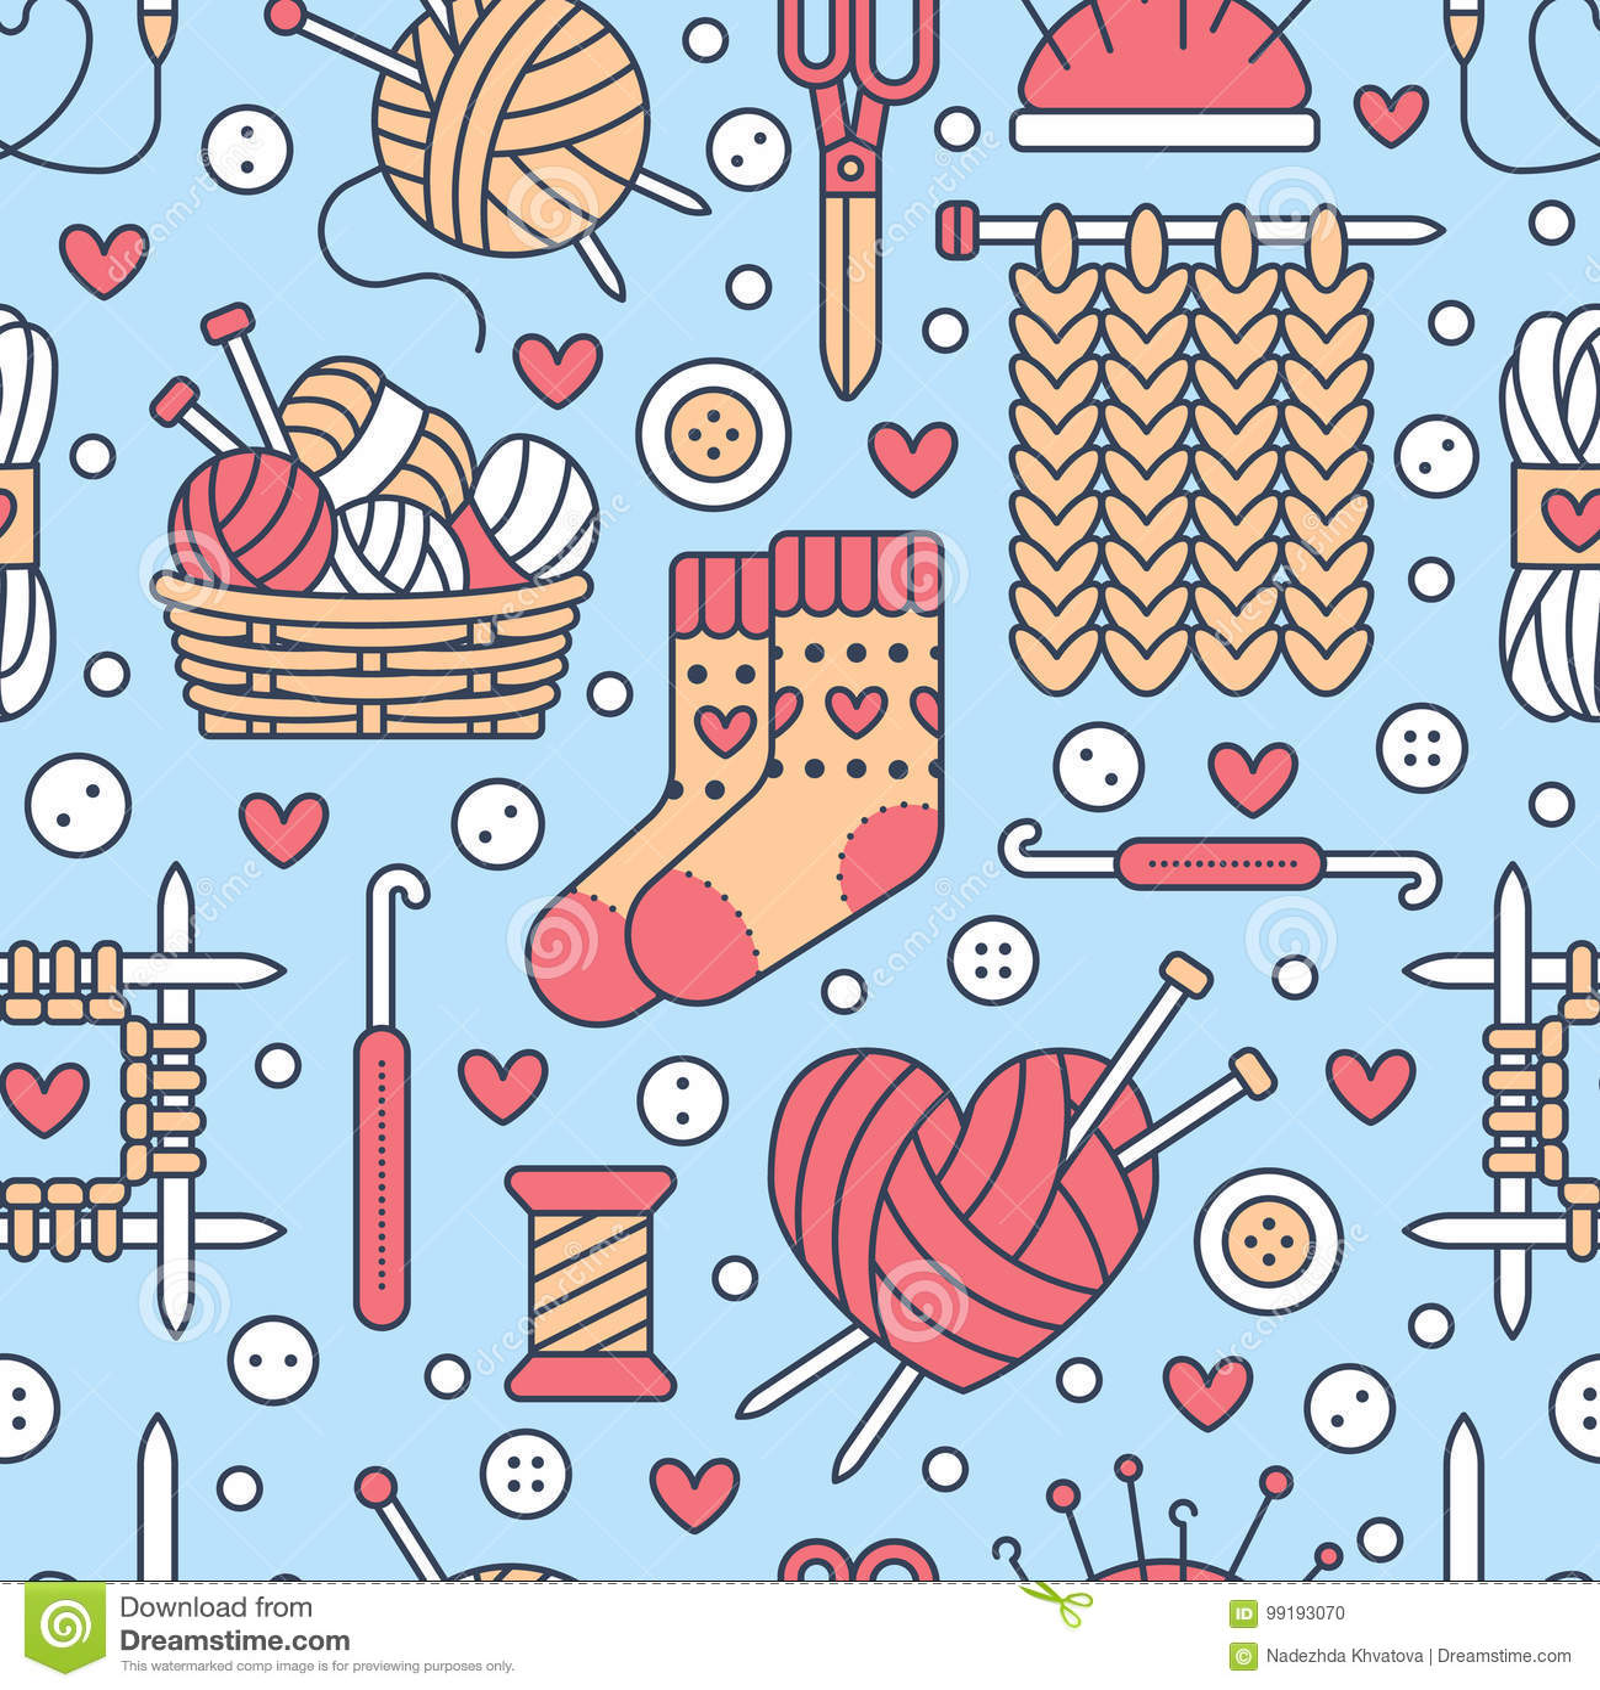 Knitting, crochet seamless pattern.